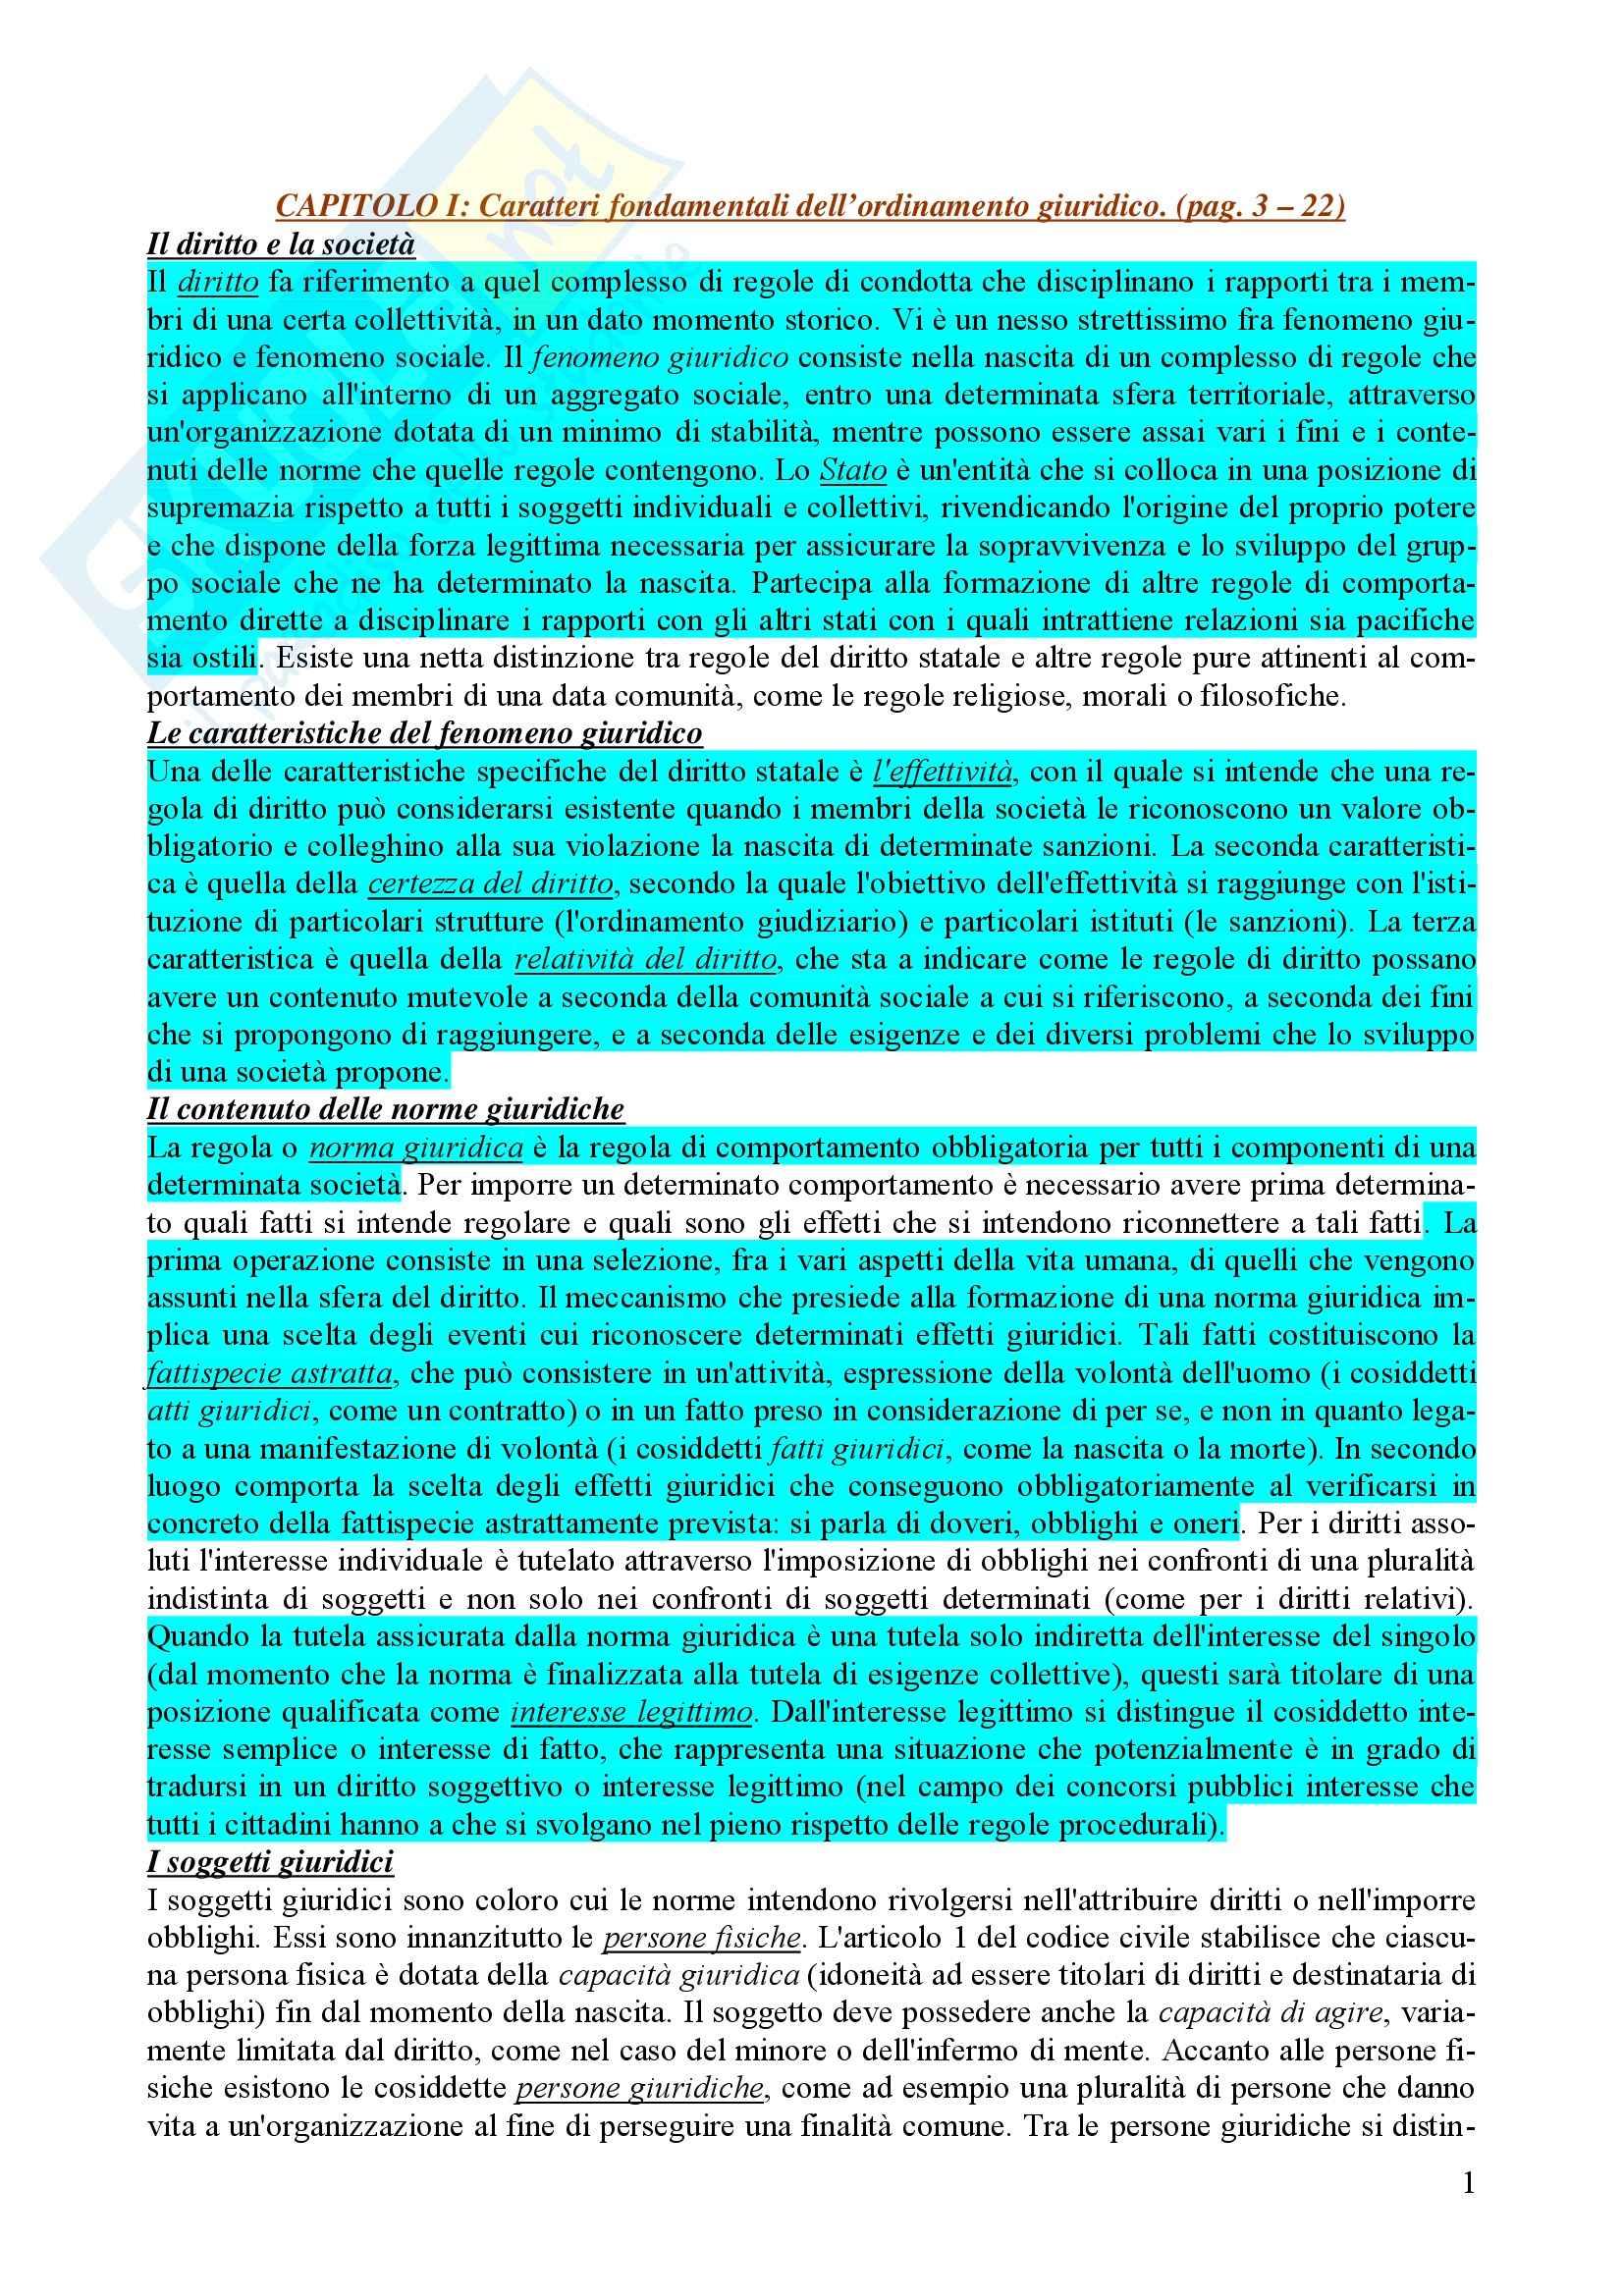 appunto P. Carnevale Istituzioni di Diritto Pubblico